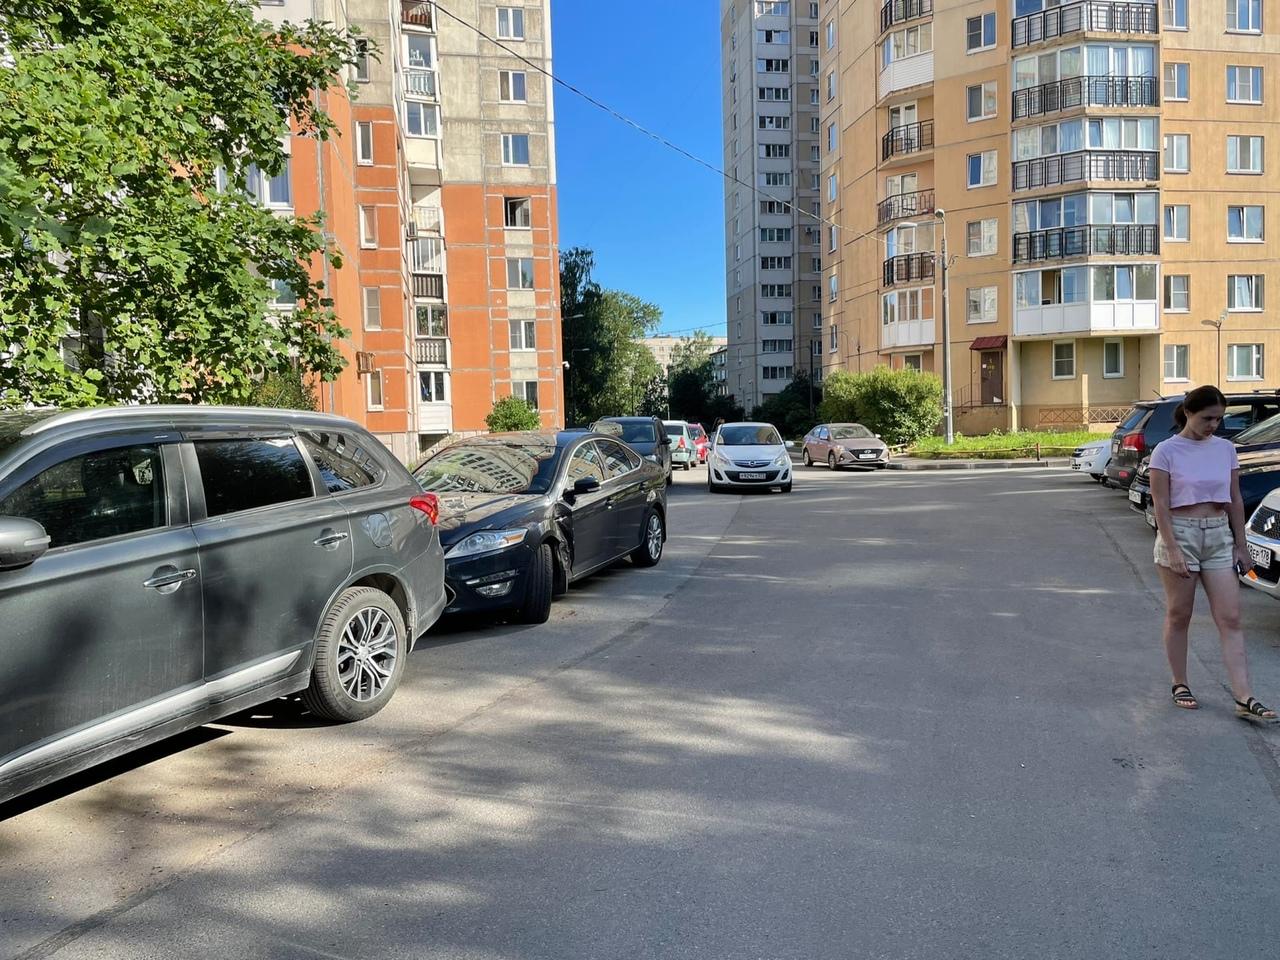 Ночью с 29 на 30 июня во дворе дома №11к2 по Народной произошло ДТП с припаркованным автомобилем For...